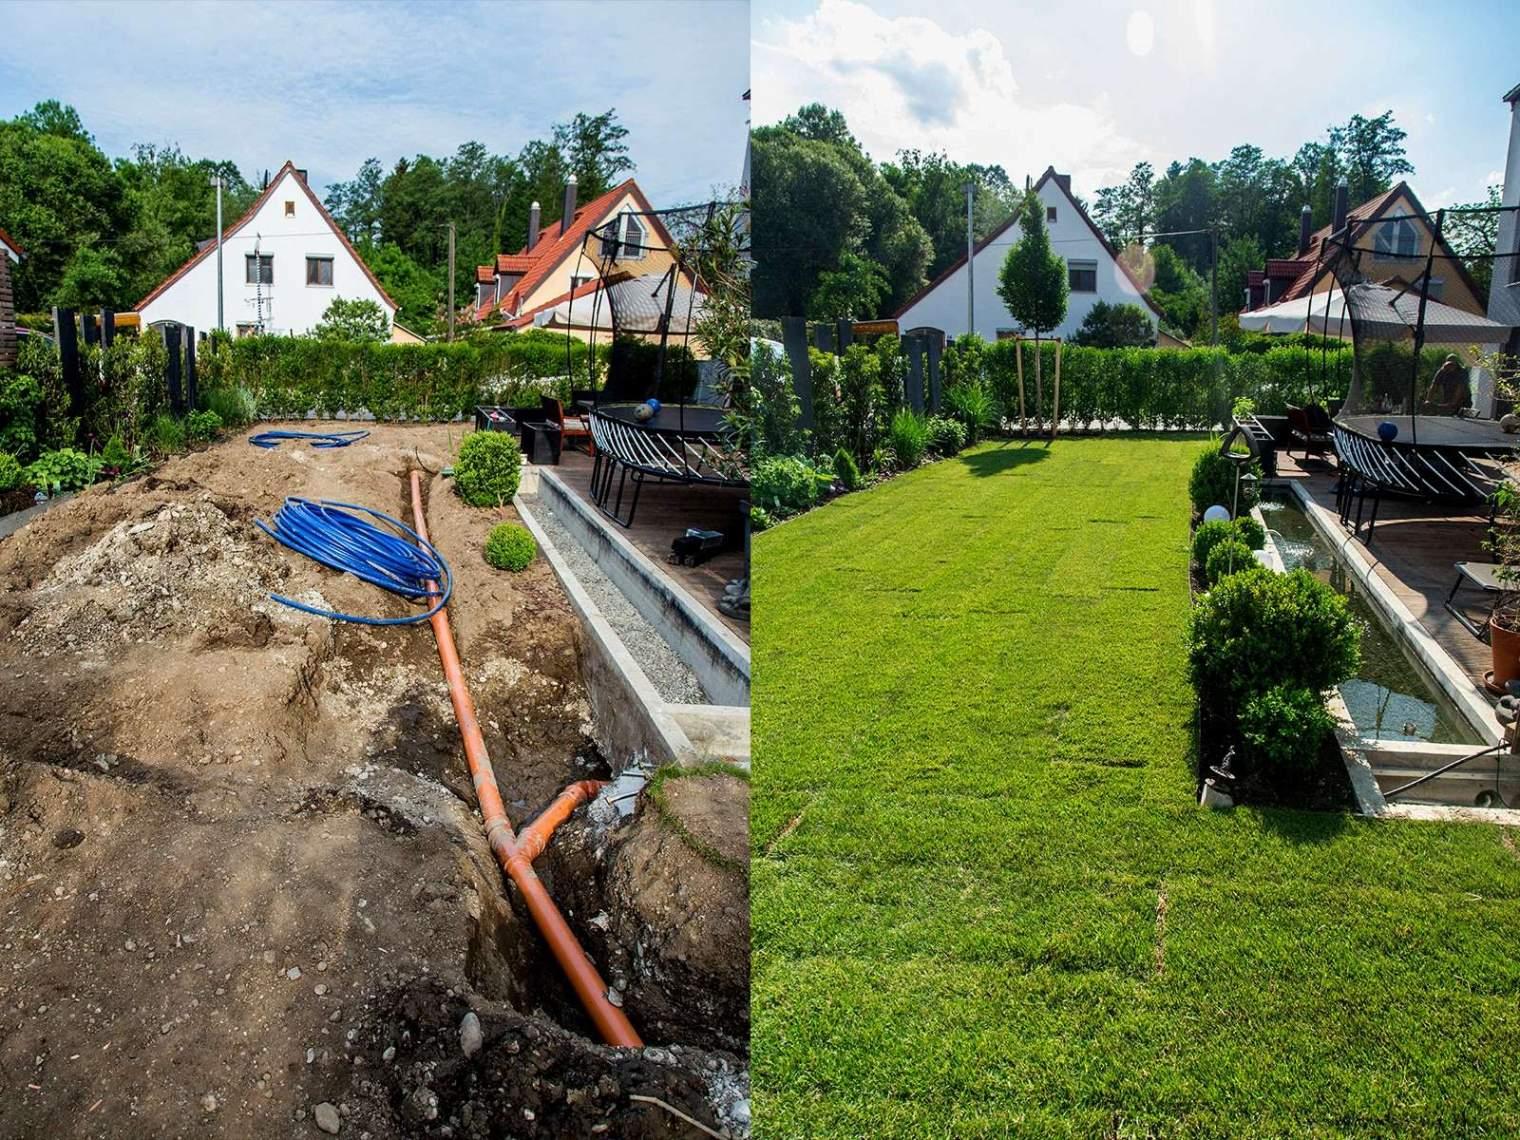 Bewässerungssystem Garten Selber Bauen Neu Küche Mit Integriertem Sitzplatz — Temobardz Home Blog